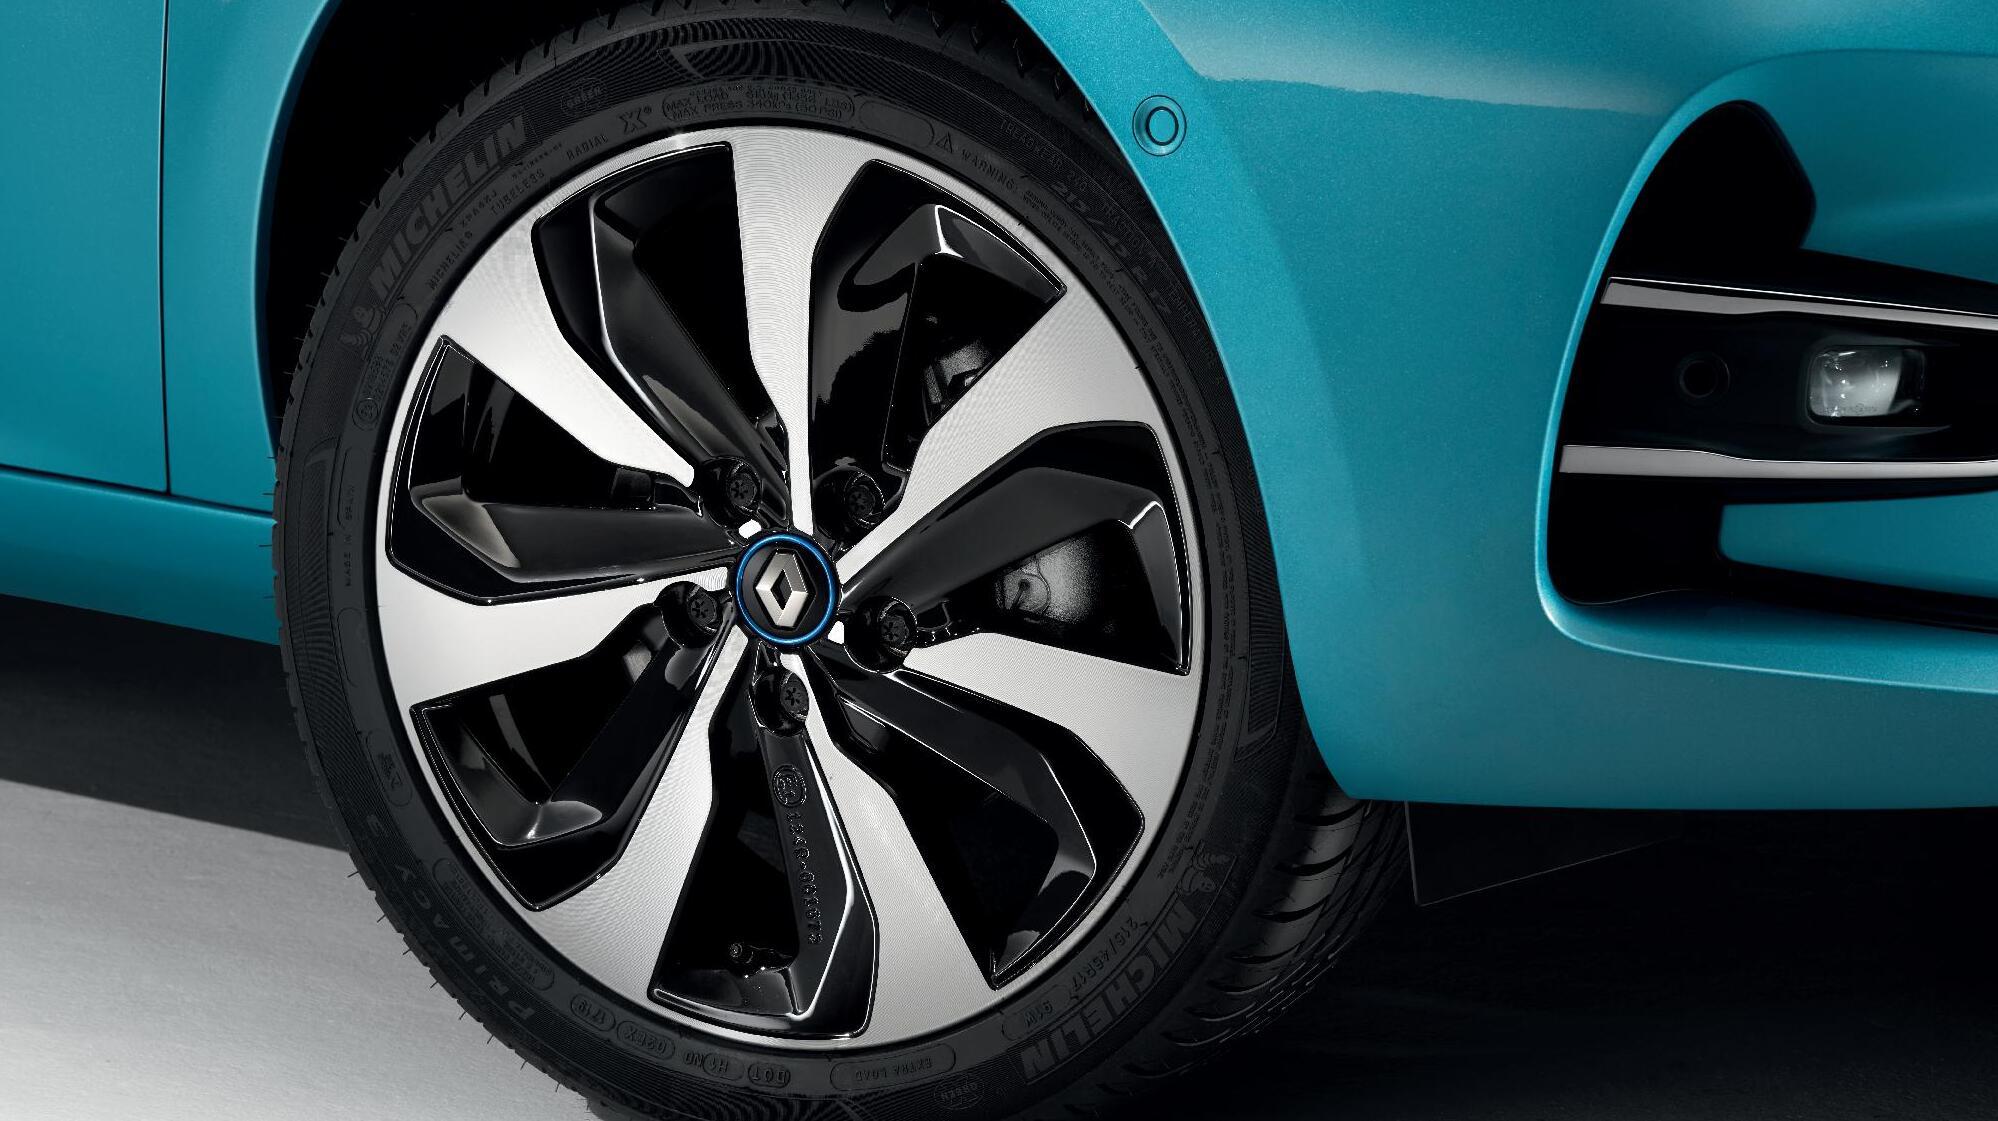 Systém upozornění na pokles tlaku v pneumatikách